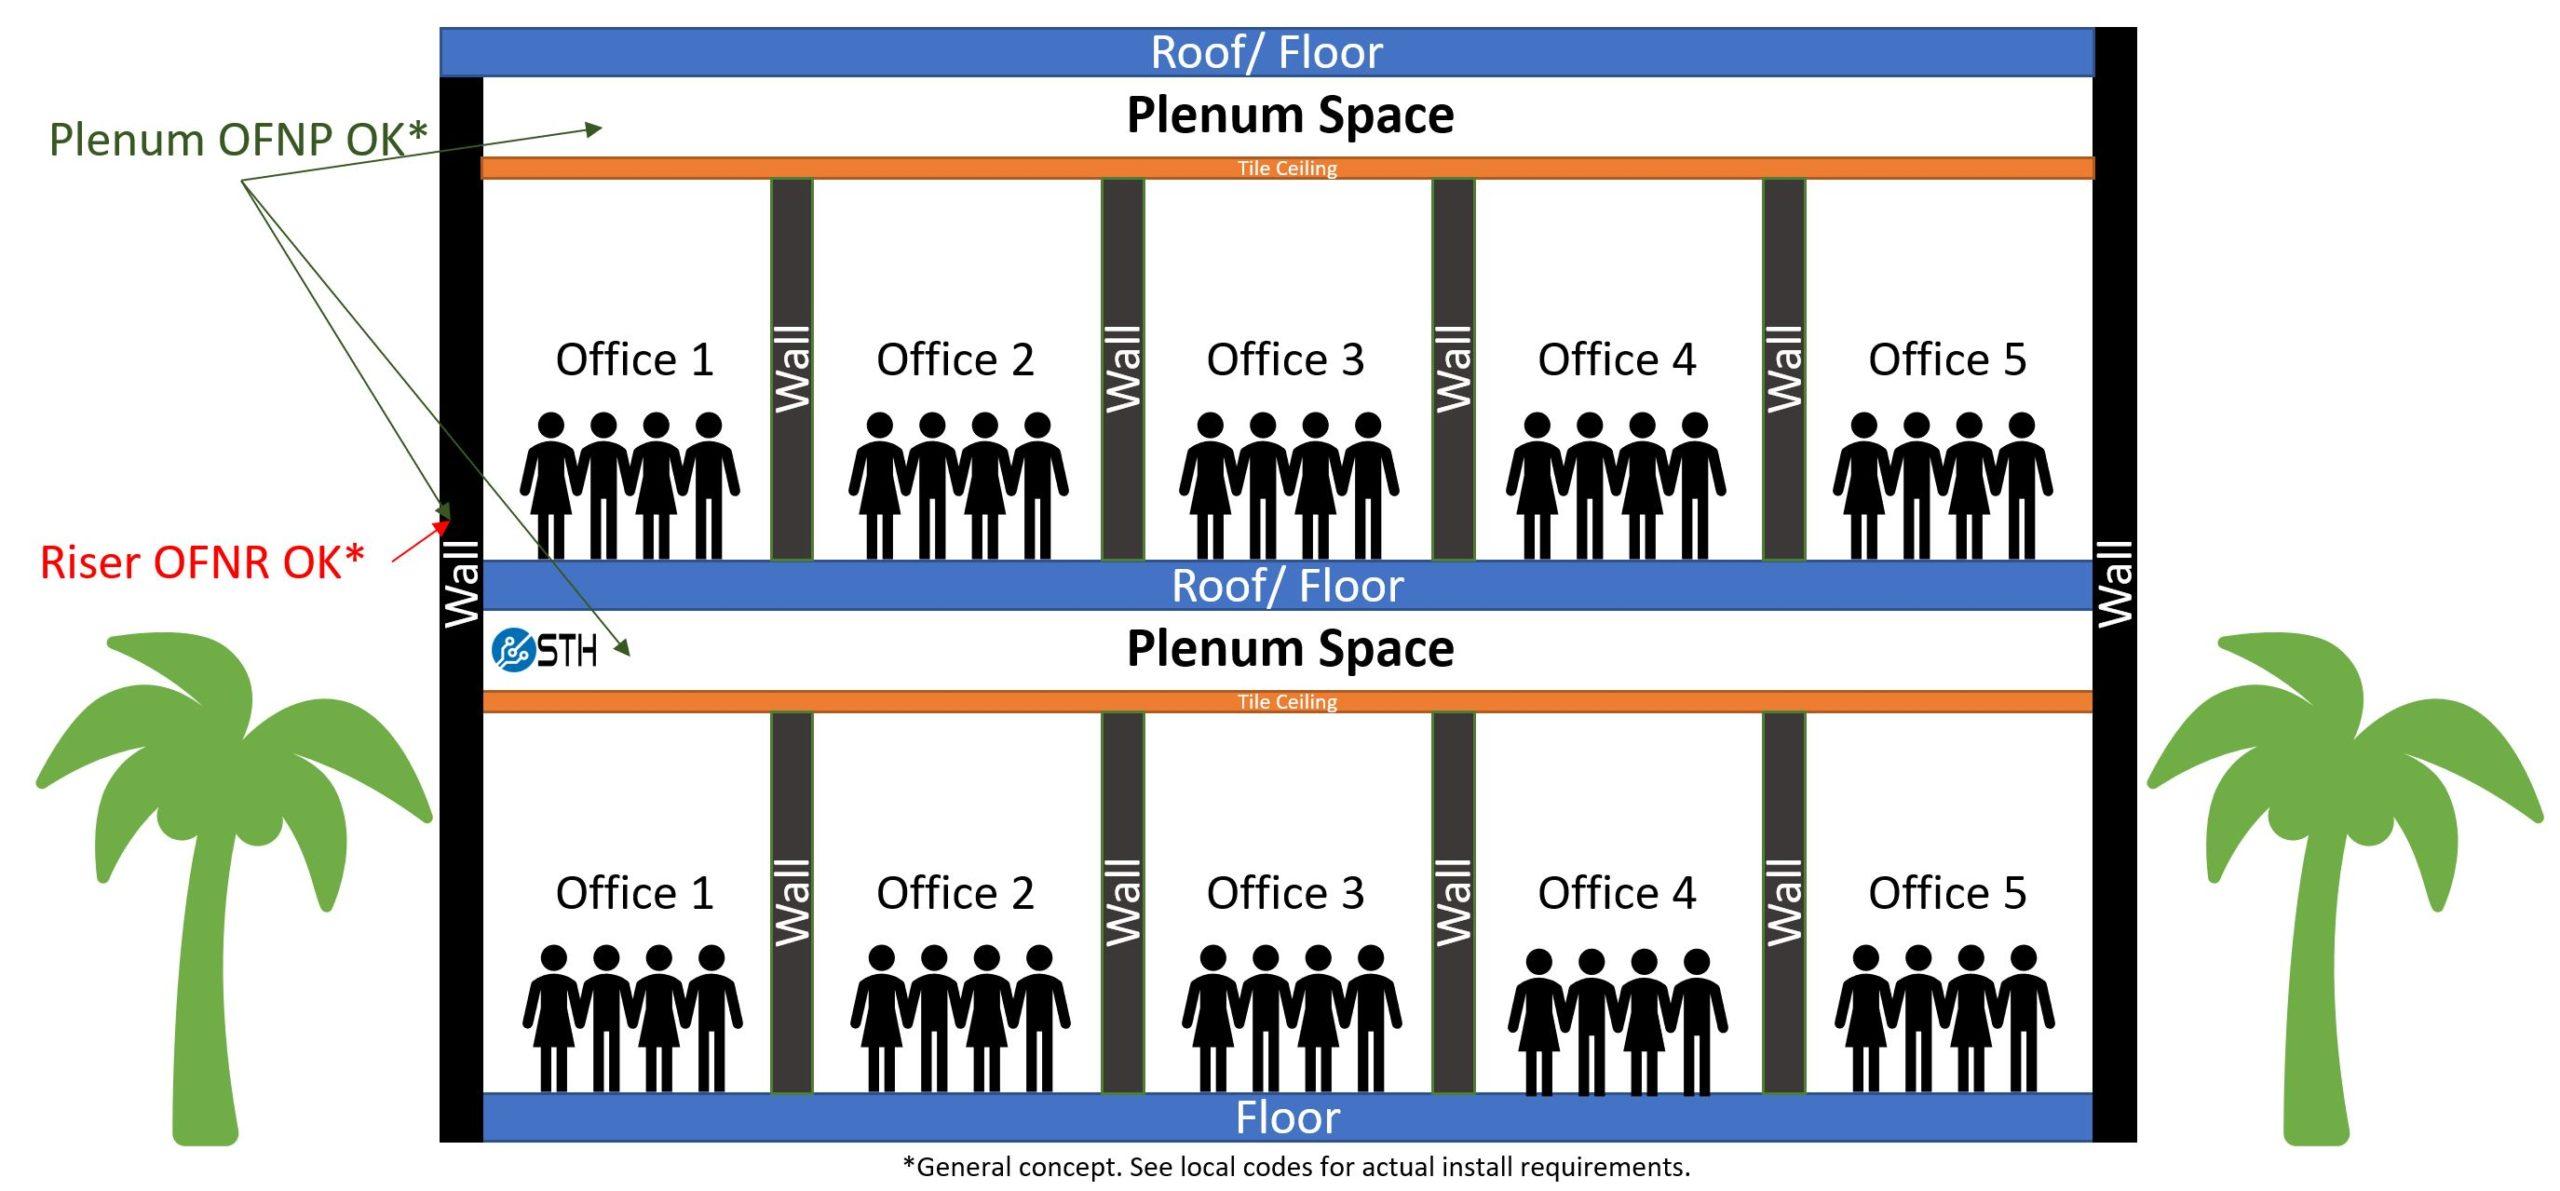 Two Floor Plenum Space Diagram For Fiber Optic OFNP V OFNR Marked